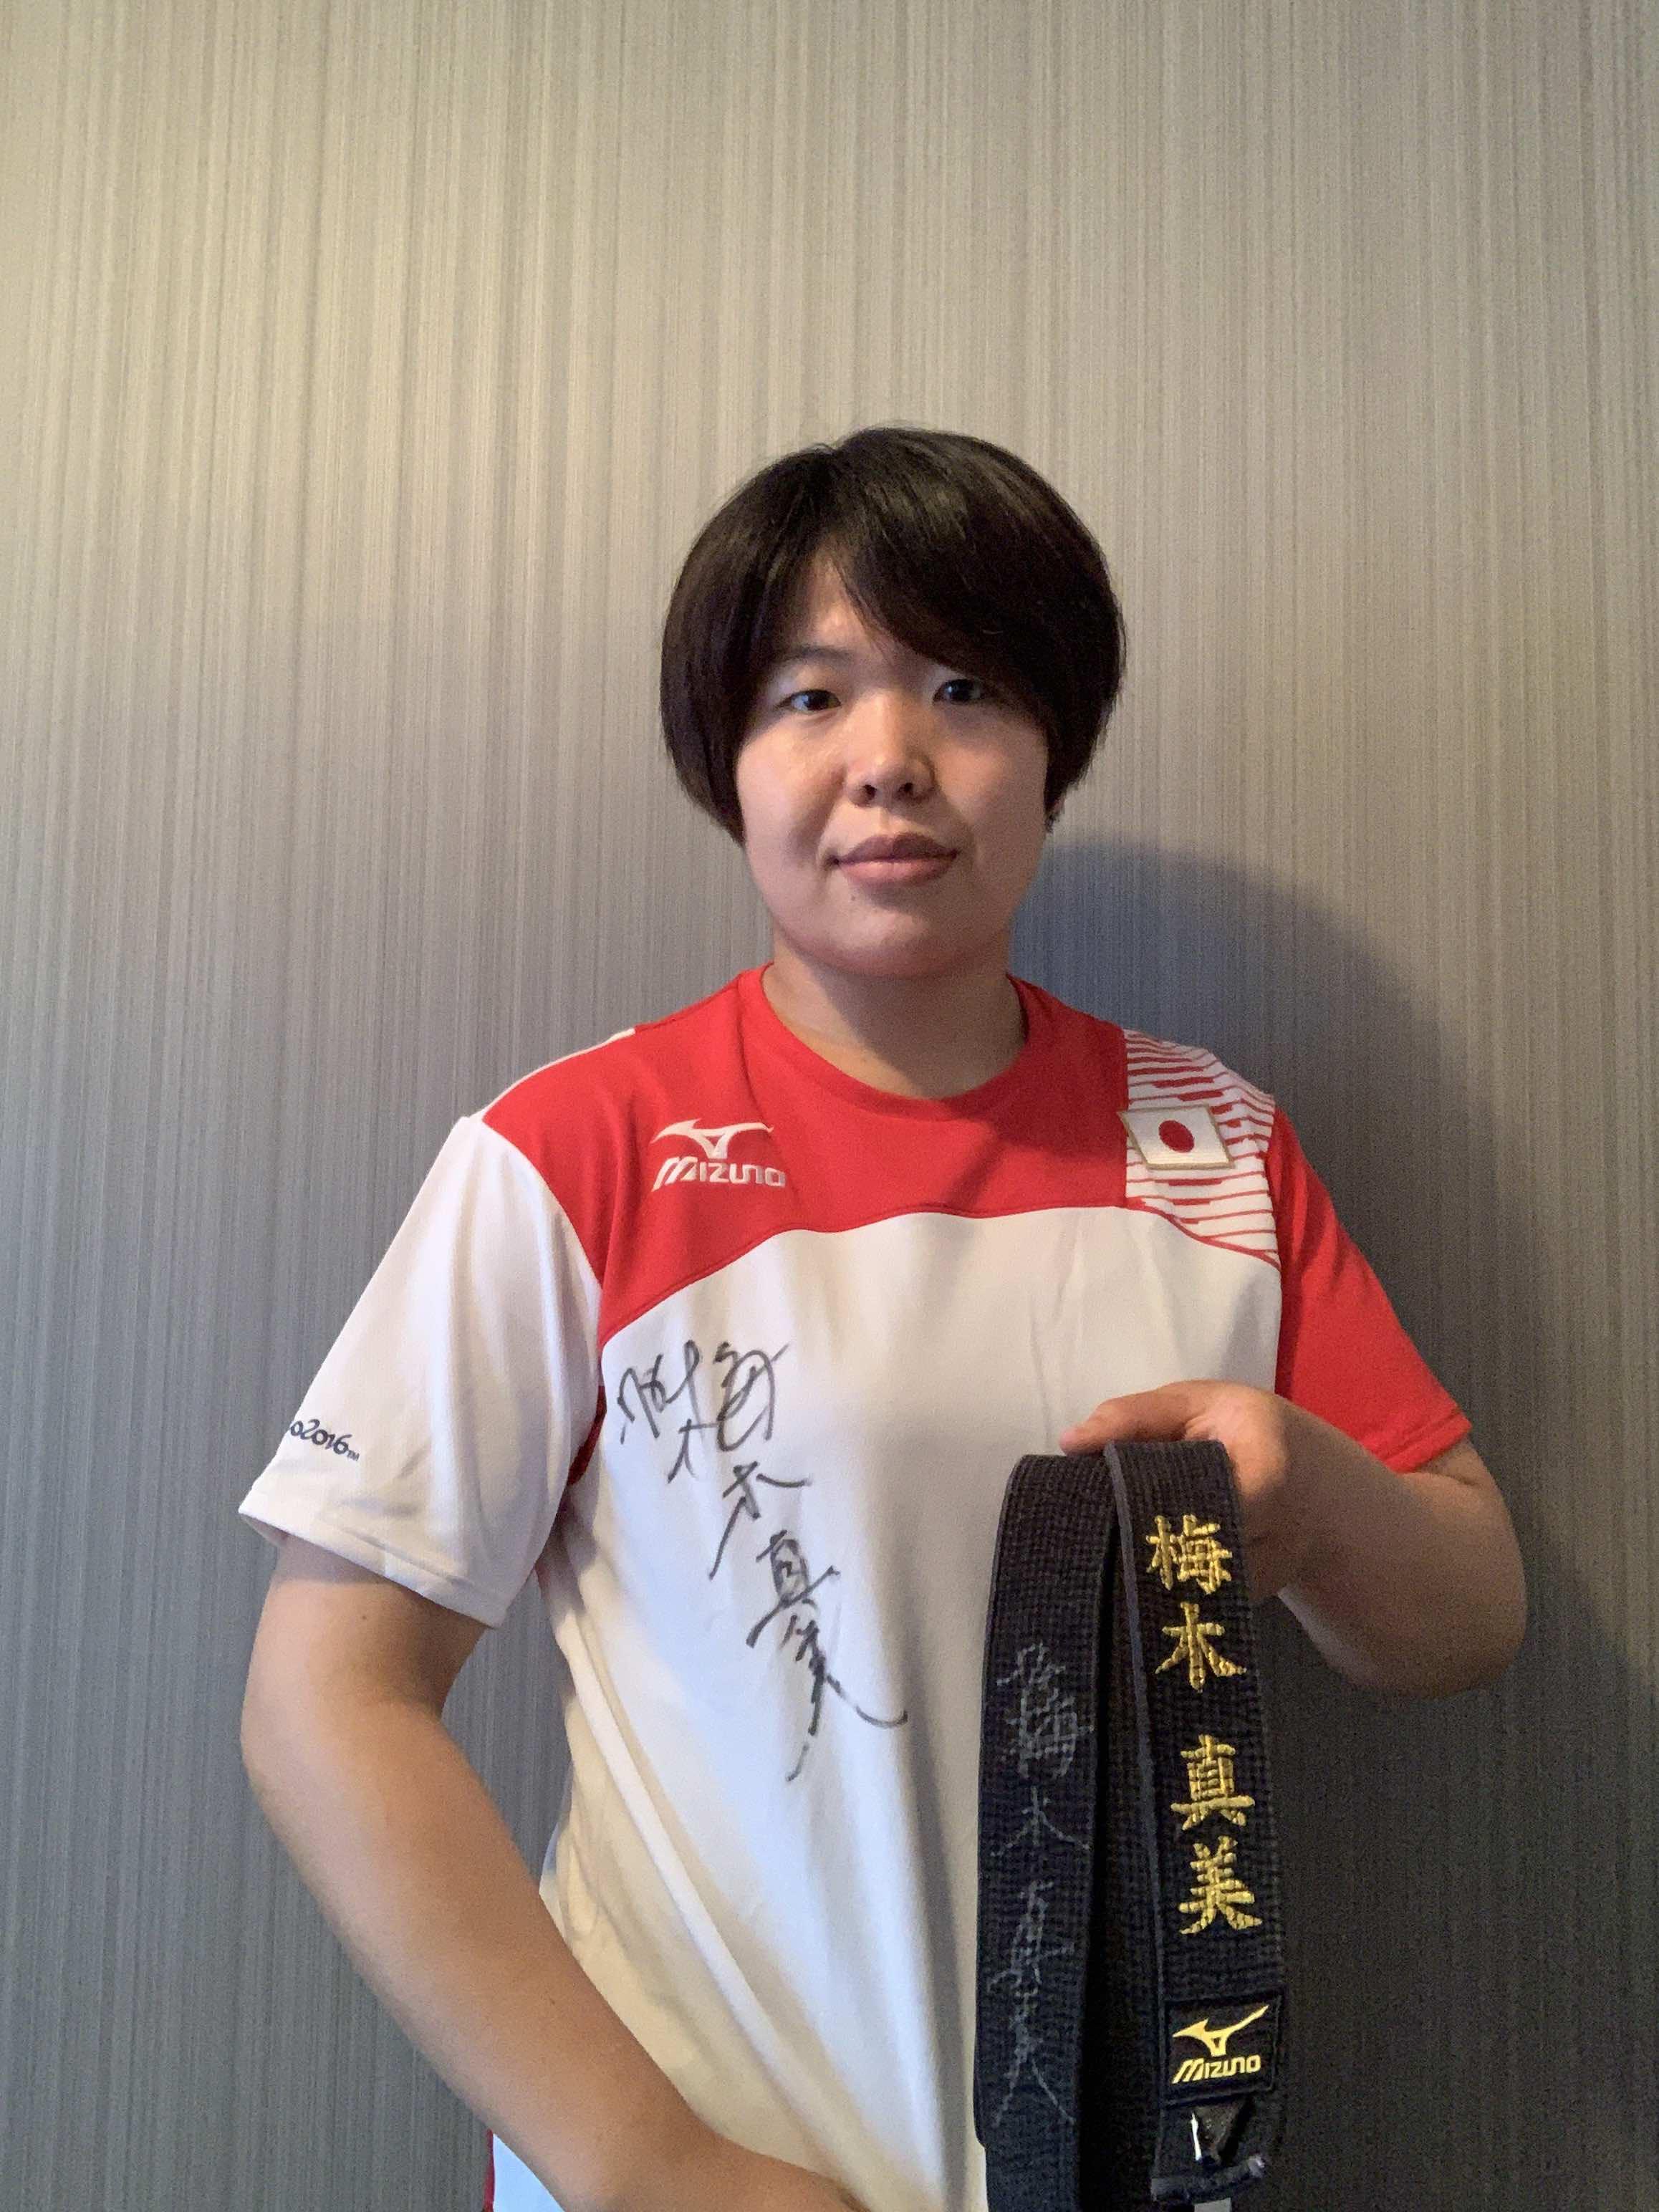 【全柔連公式】梅木 真美 選手